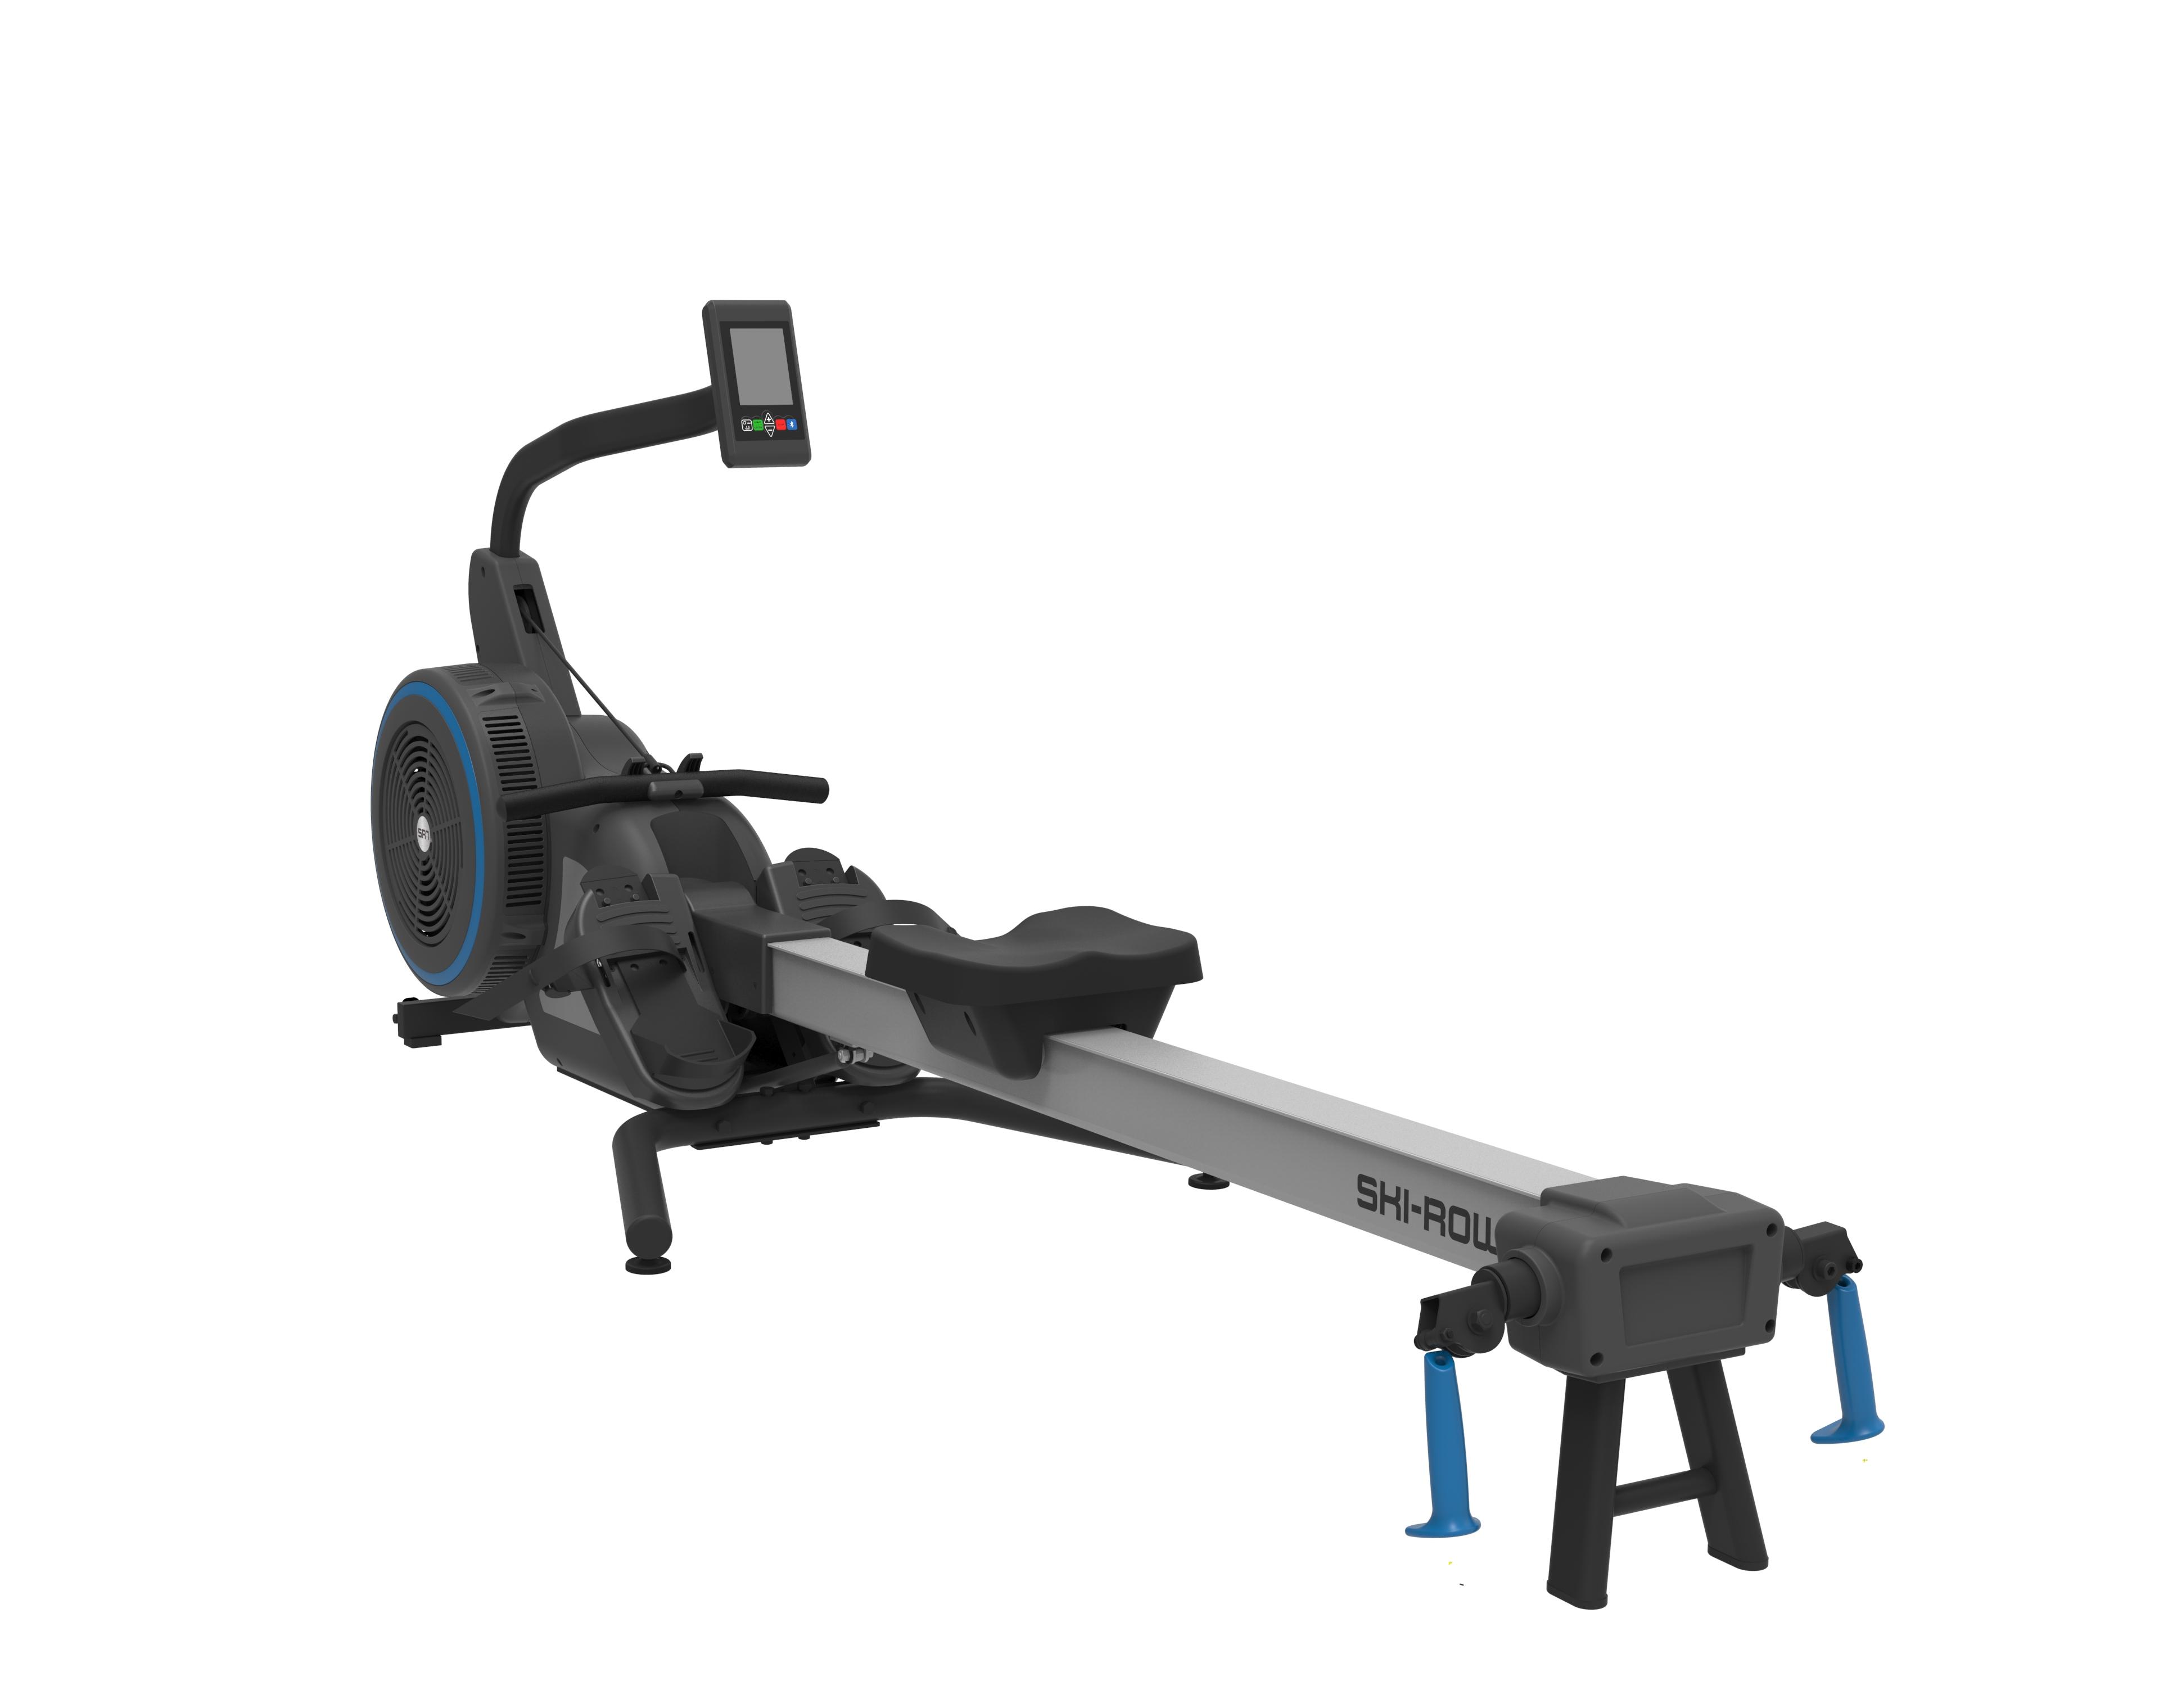 Impulse HSR007 Ski & Row Multiple Training Machine – Multifunkcionális Evezőpad - Impulse HIIT